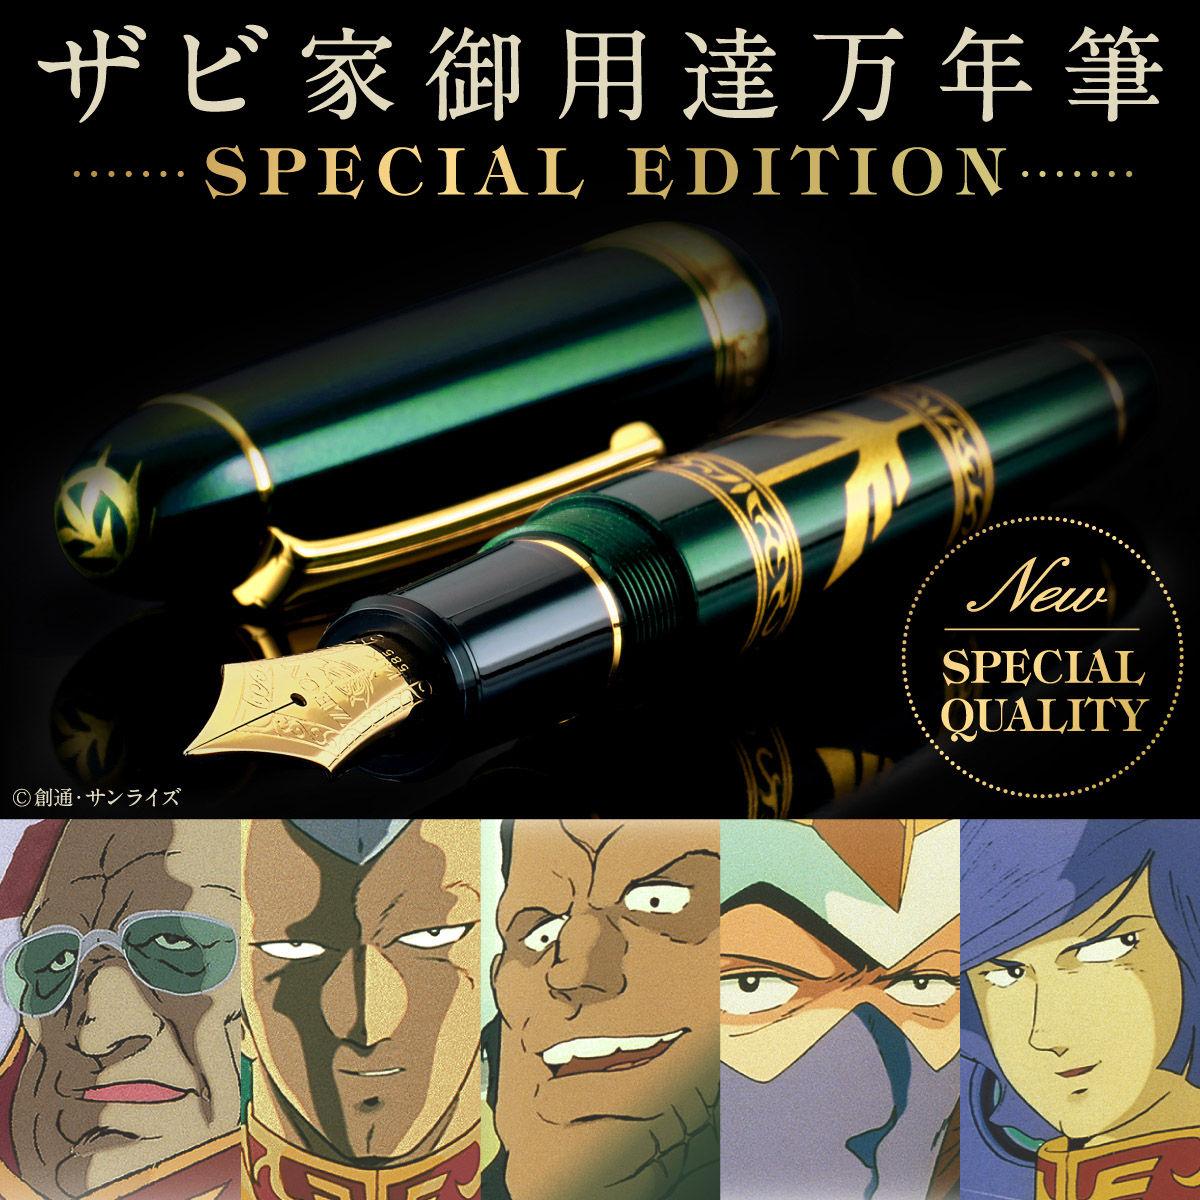 機動戦士ガンダム『ザビ家御用達万年筆-SPECIAL EDITION-』-001